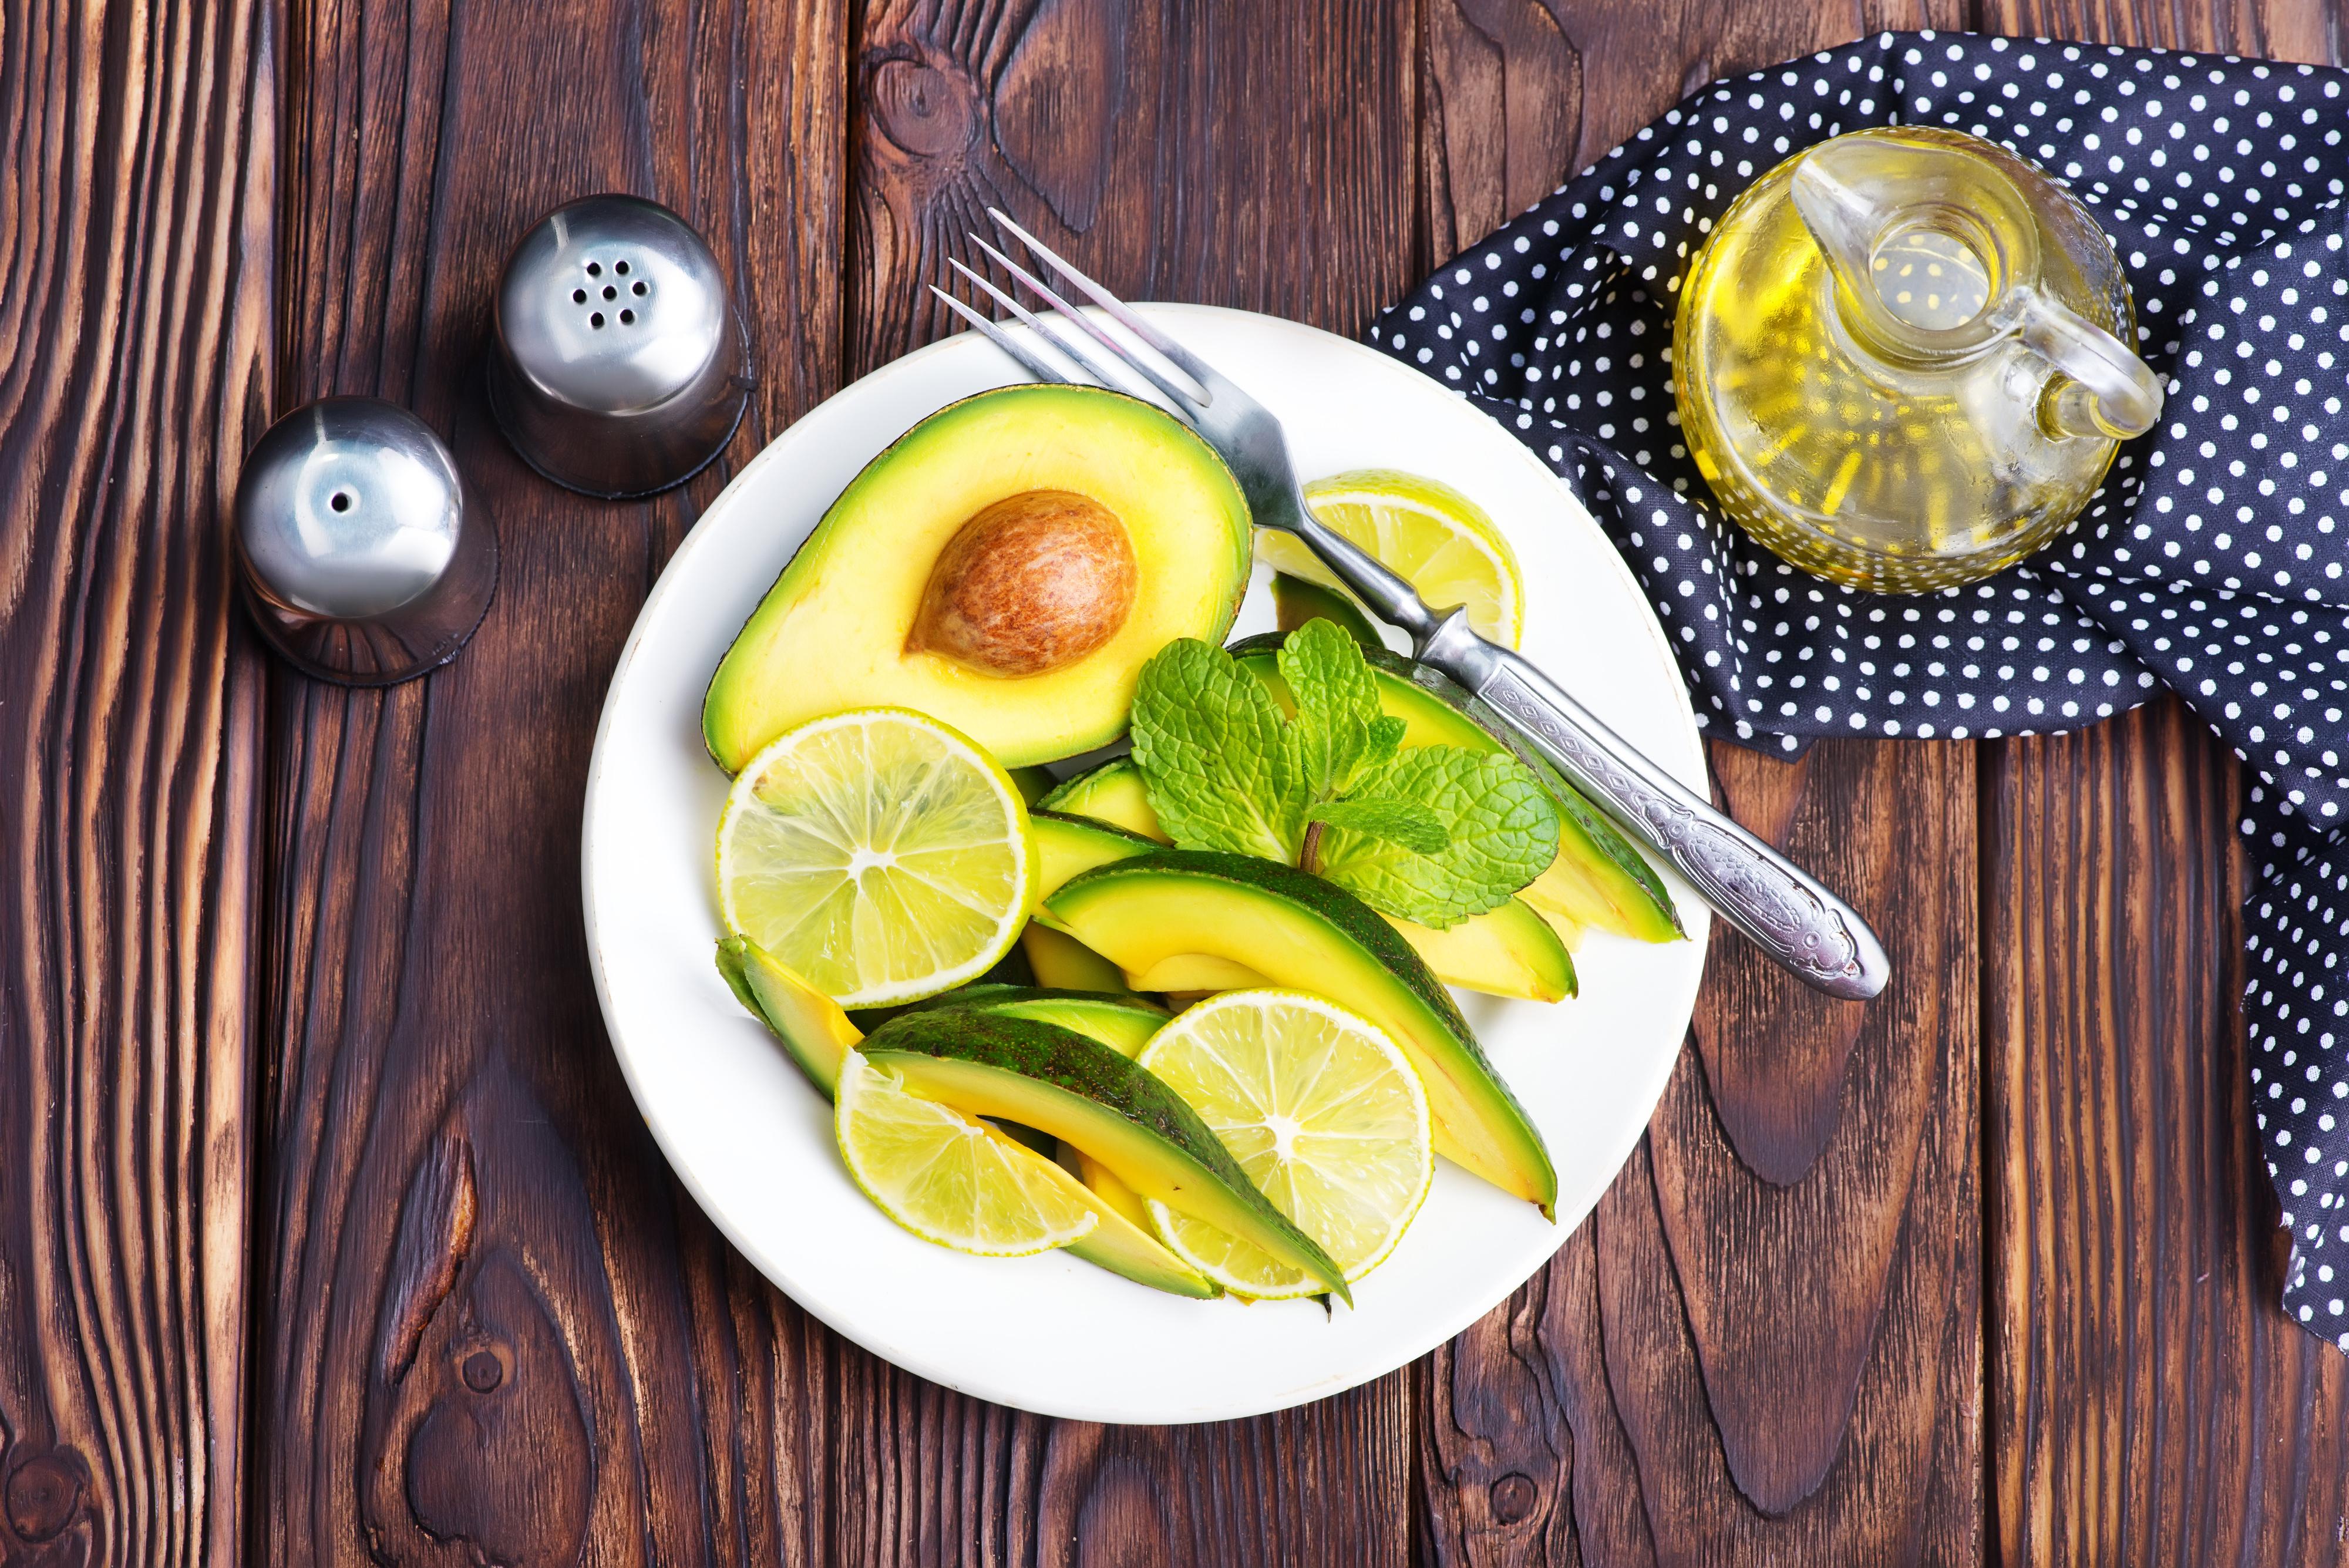 Обои для рабочего стола Лимоны Авокадо Еда вилки Салаты Тарелка Доски 4000x2670 Пища тарелке Вилка столовая Продукты питания